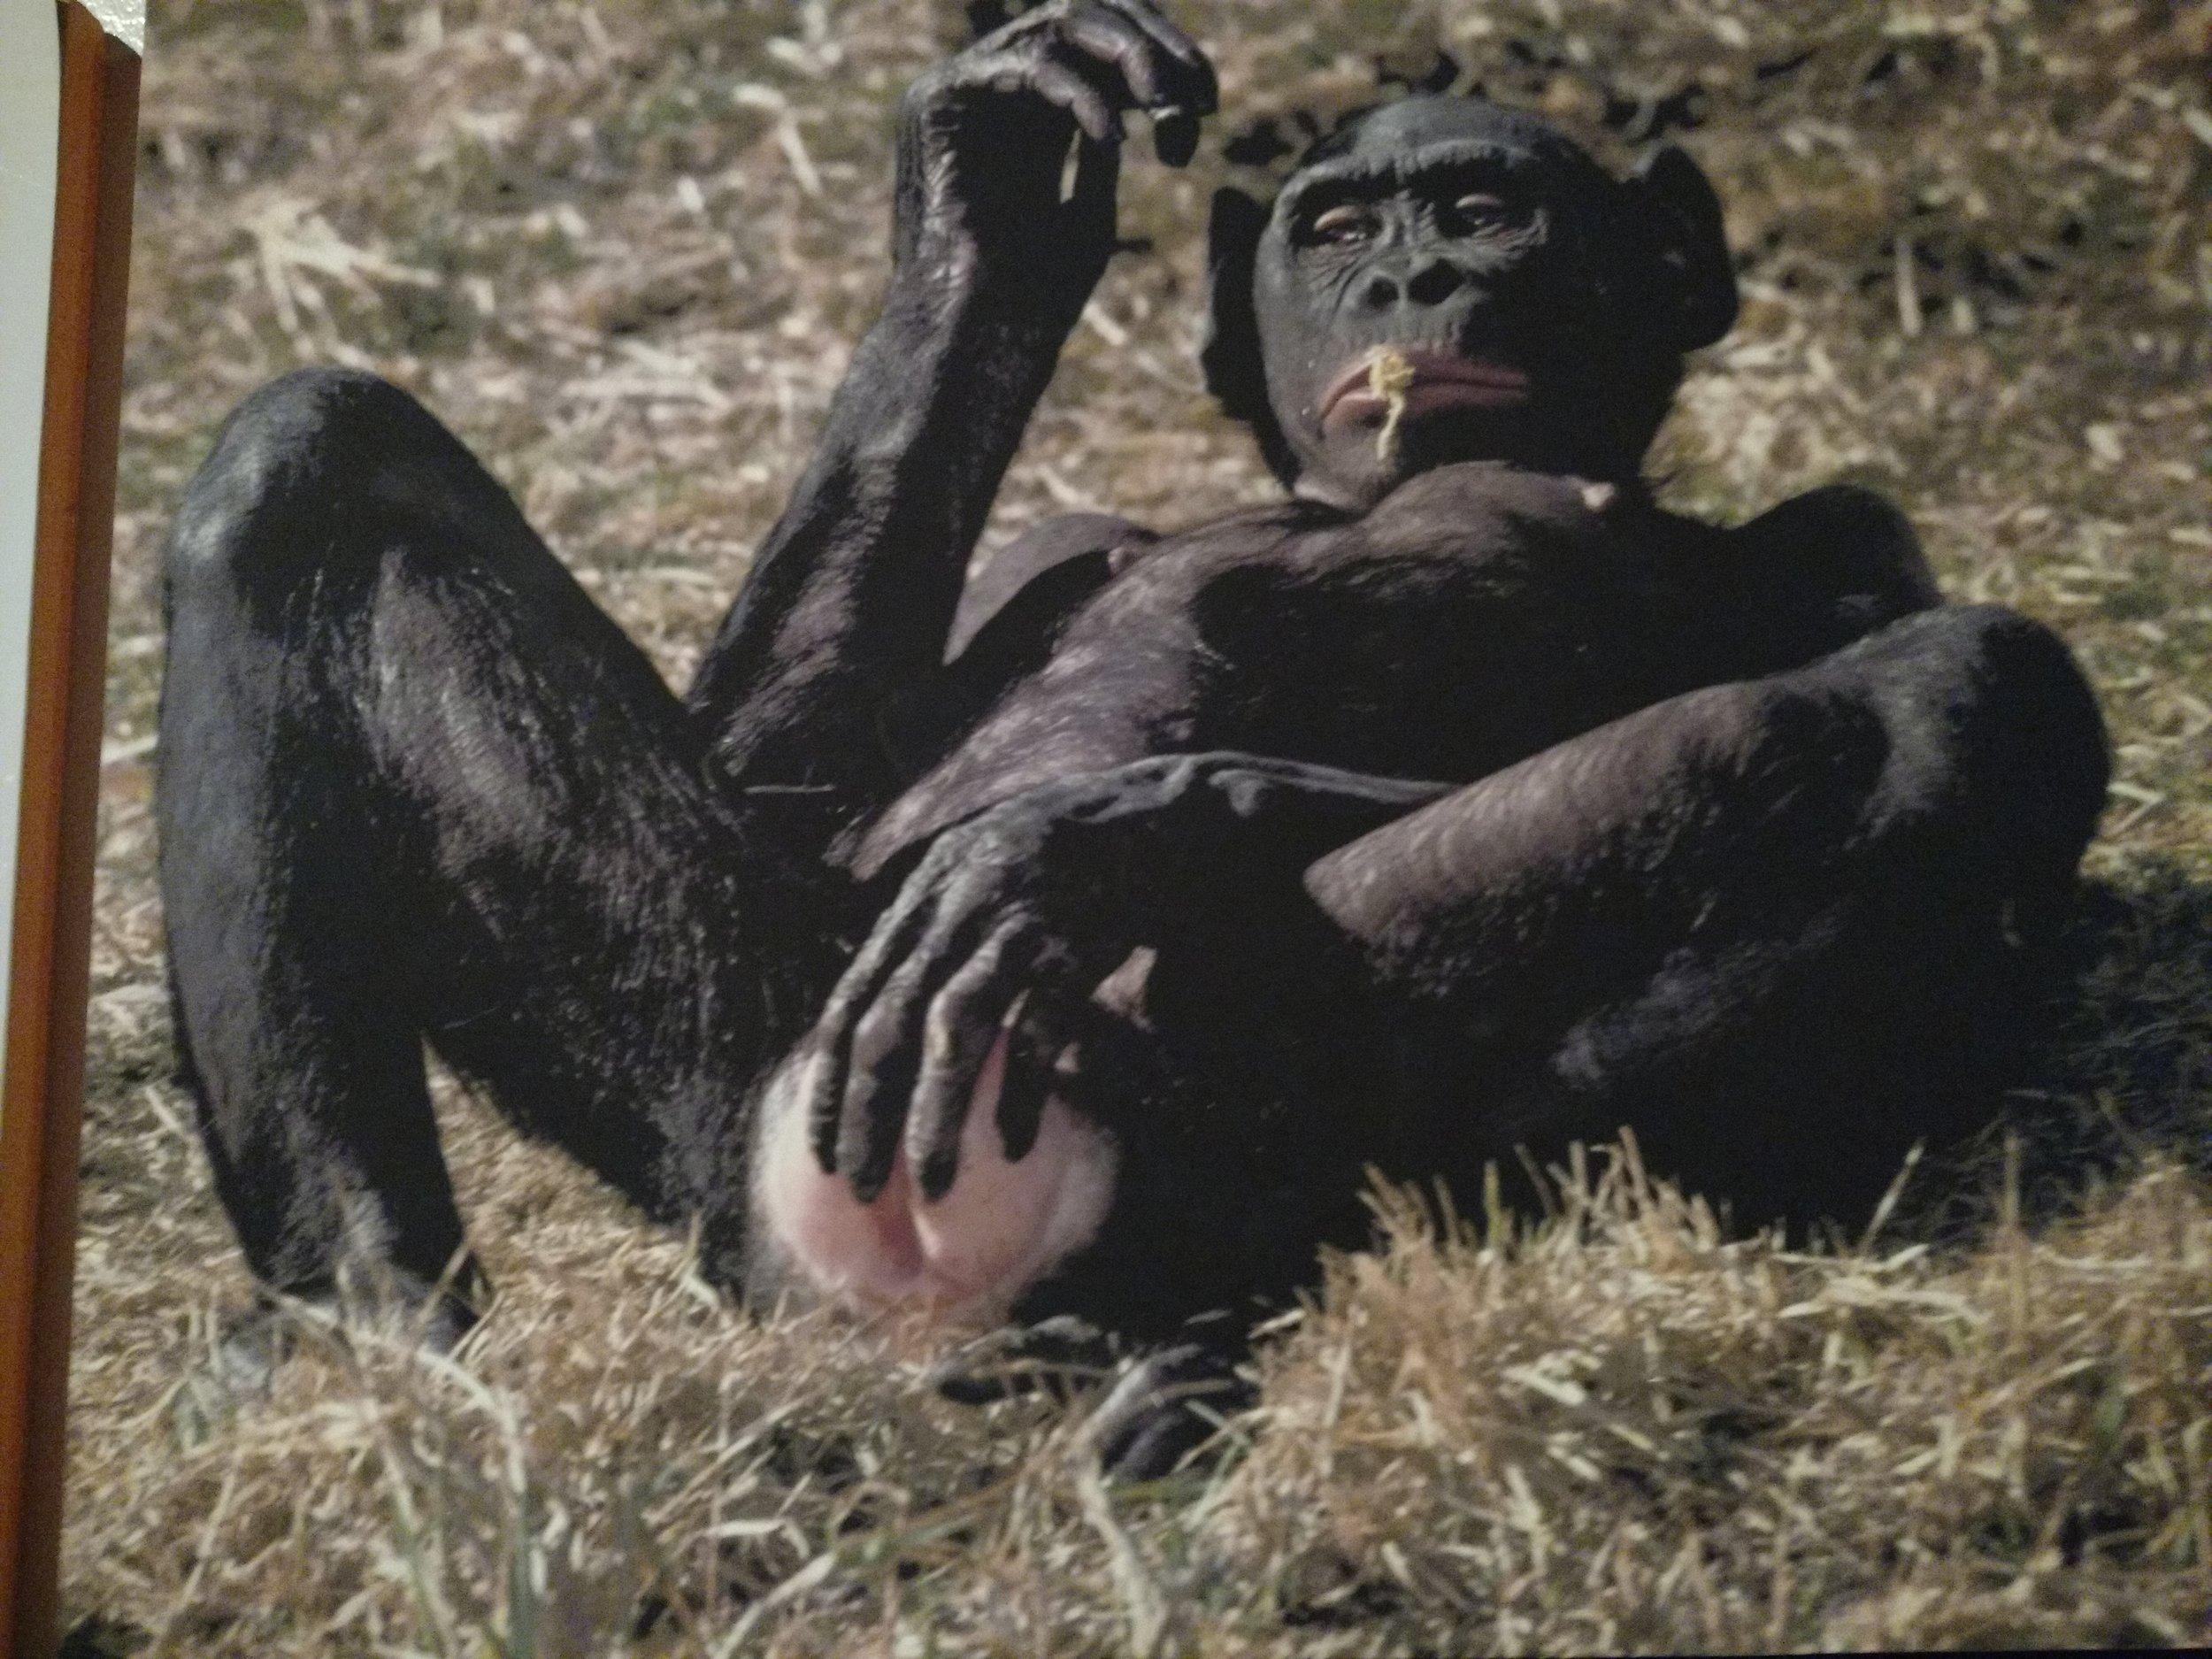 Masturbierendes Gorilla-Weibchen - wonderfull   http://www.museumofsex.com/portfolio_page/exhibition-animals/